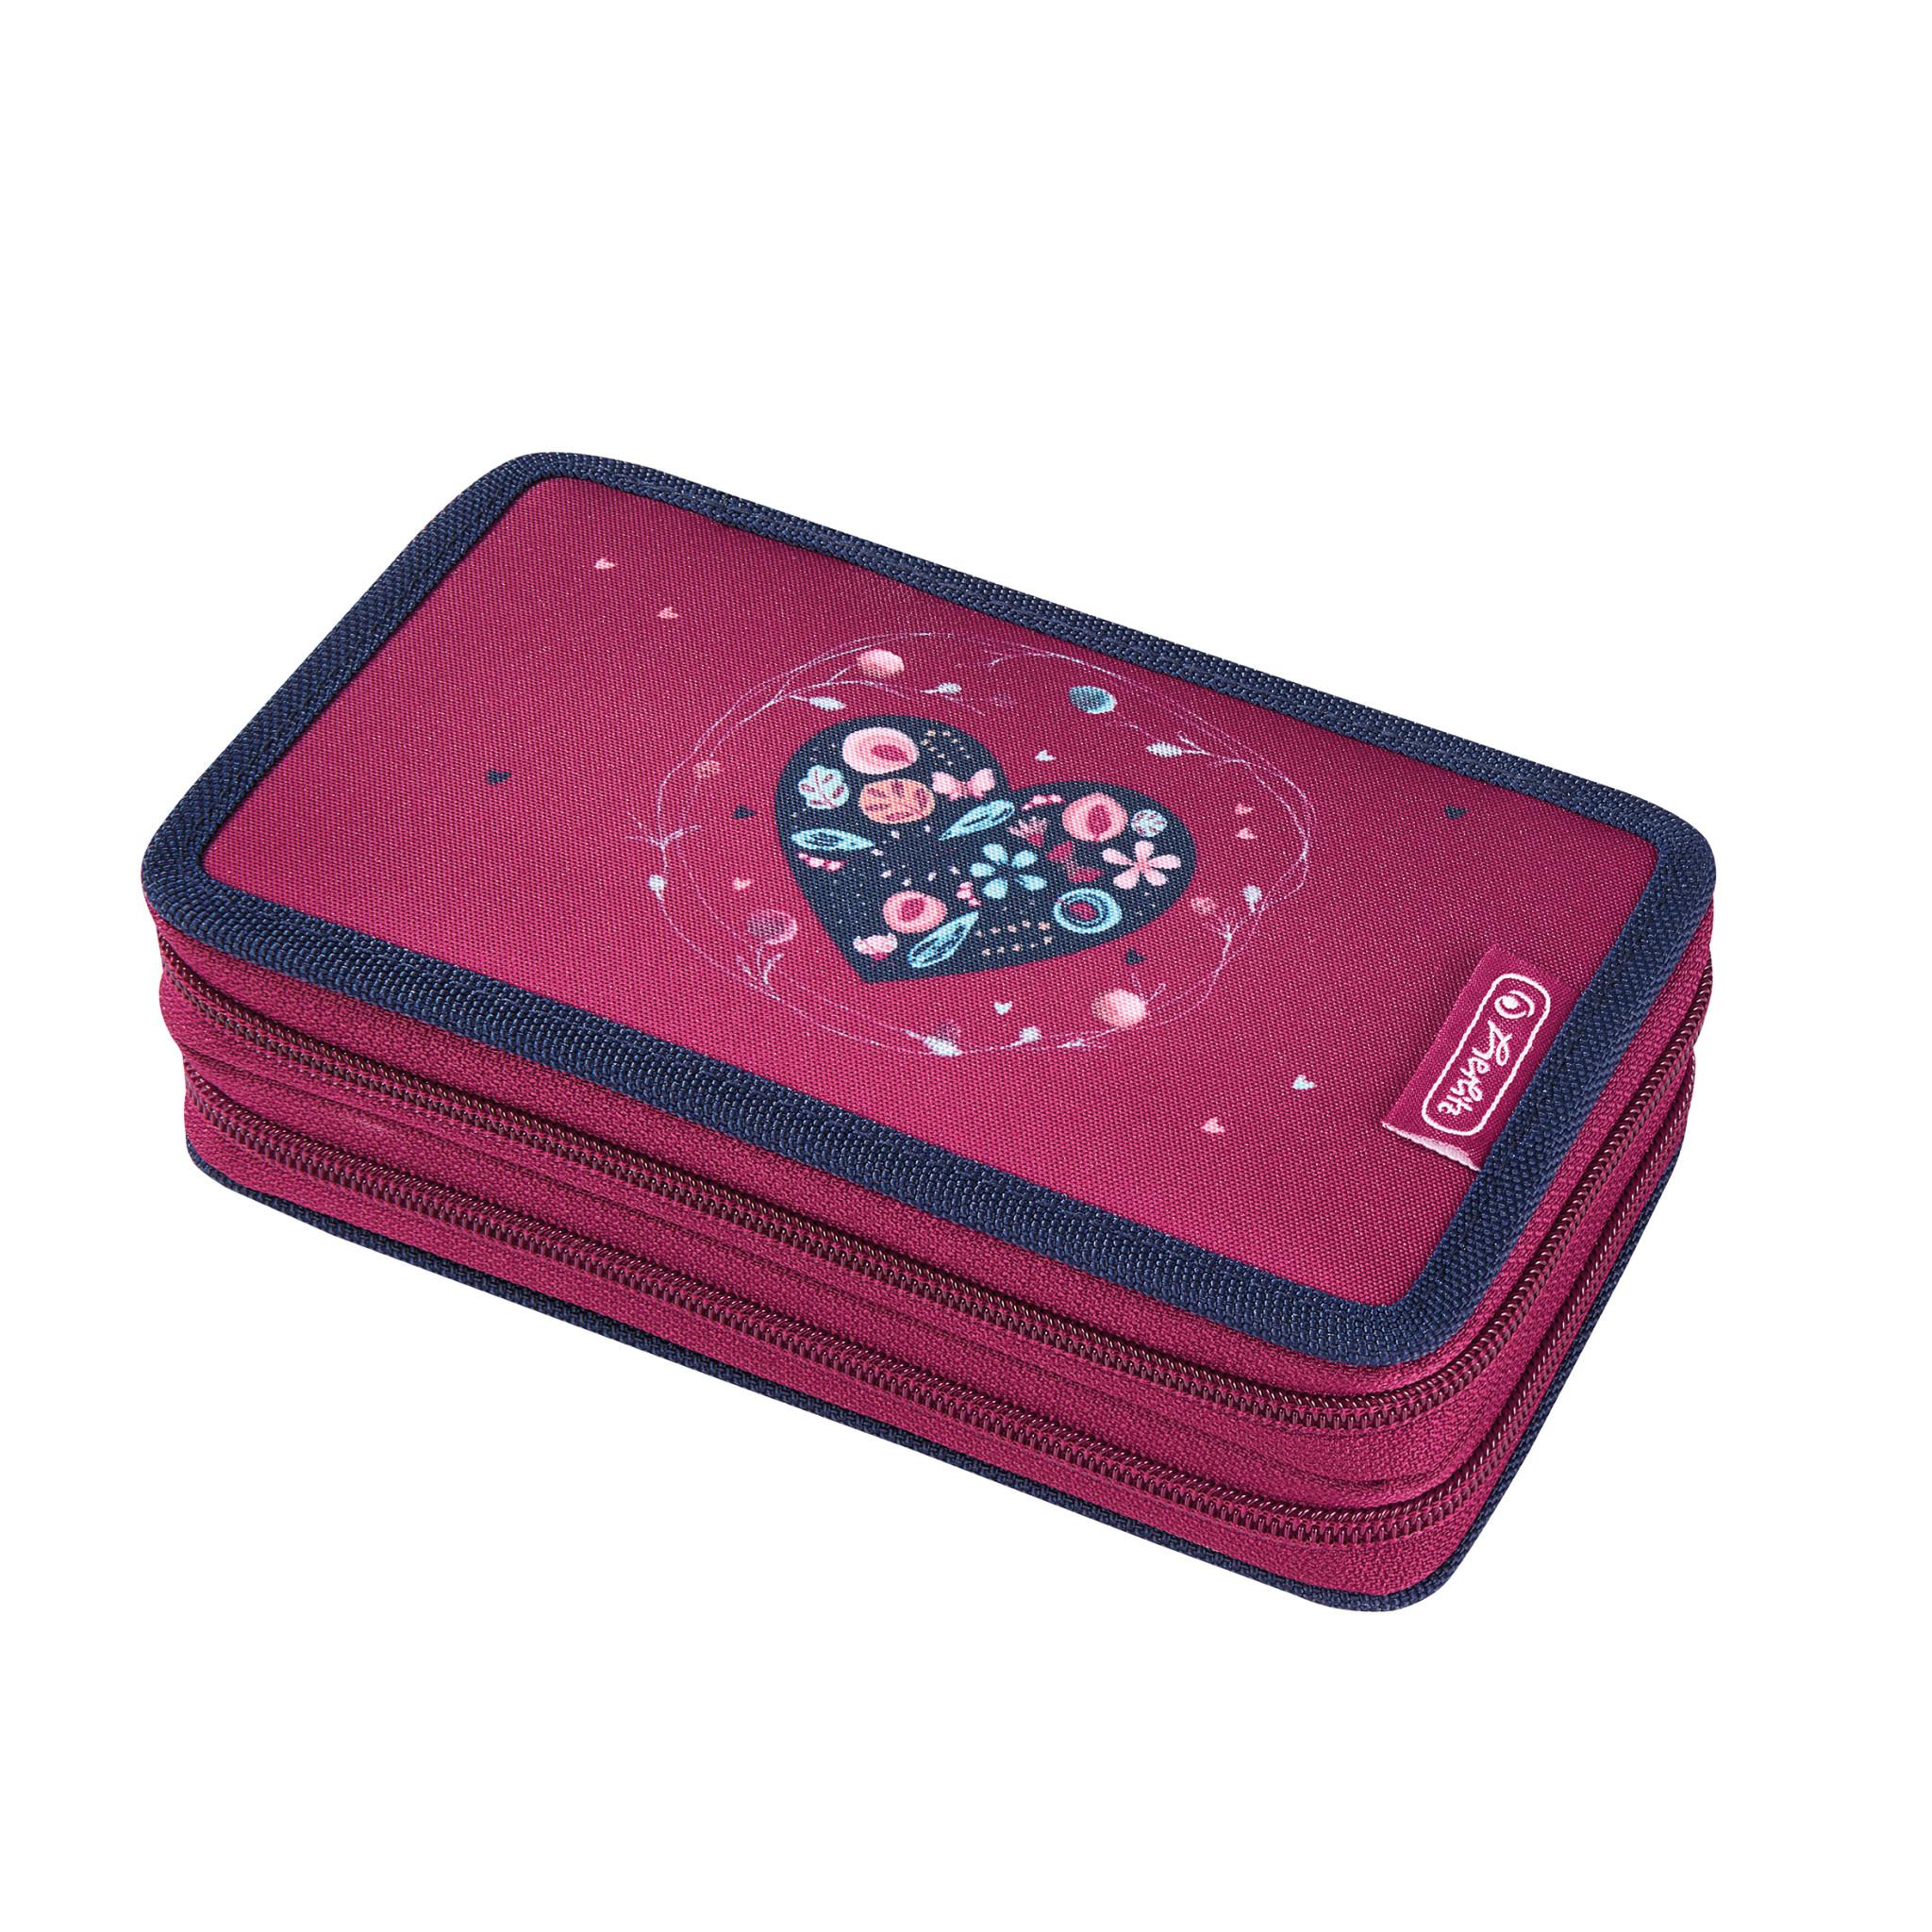 Herlitz Heart - 23 Stück(e) - Pink - Violett - Polyester - Abbildung - 193 mm - 115 mm